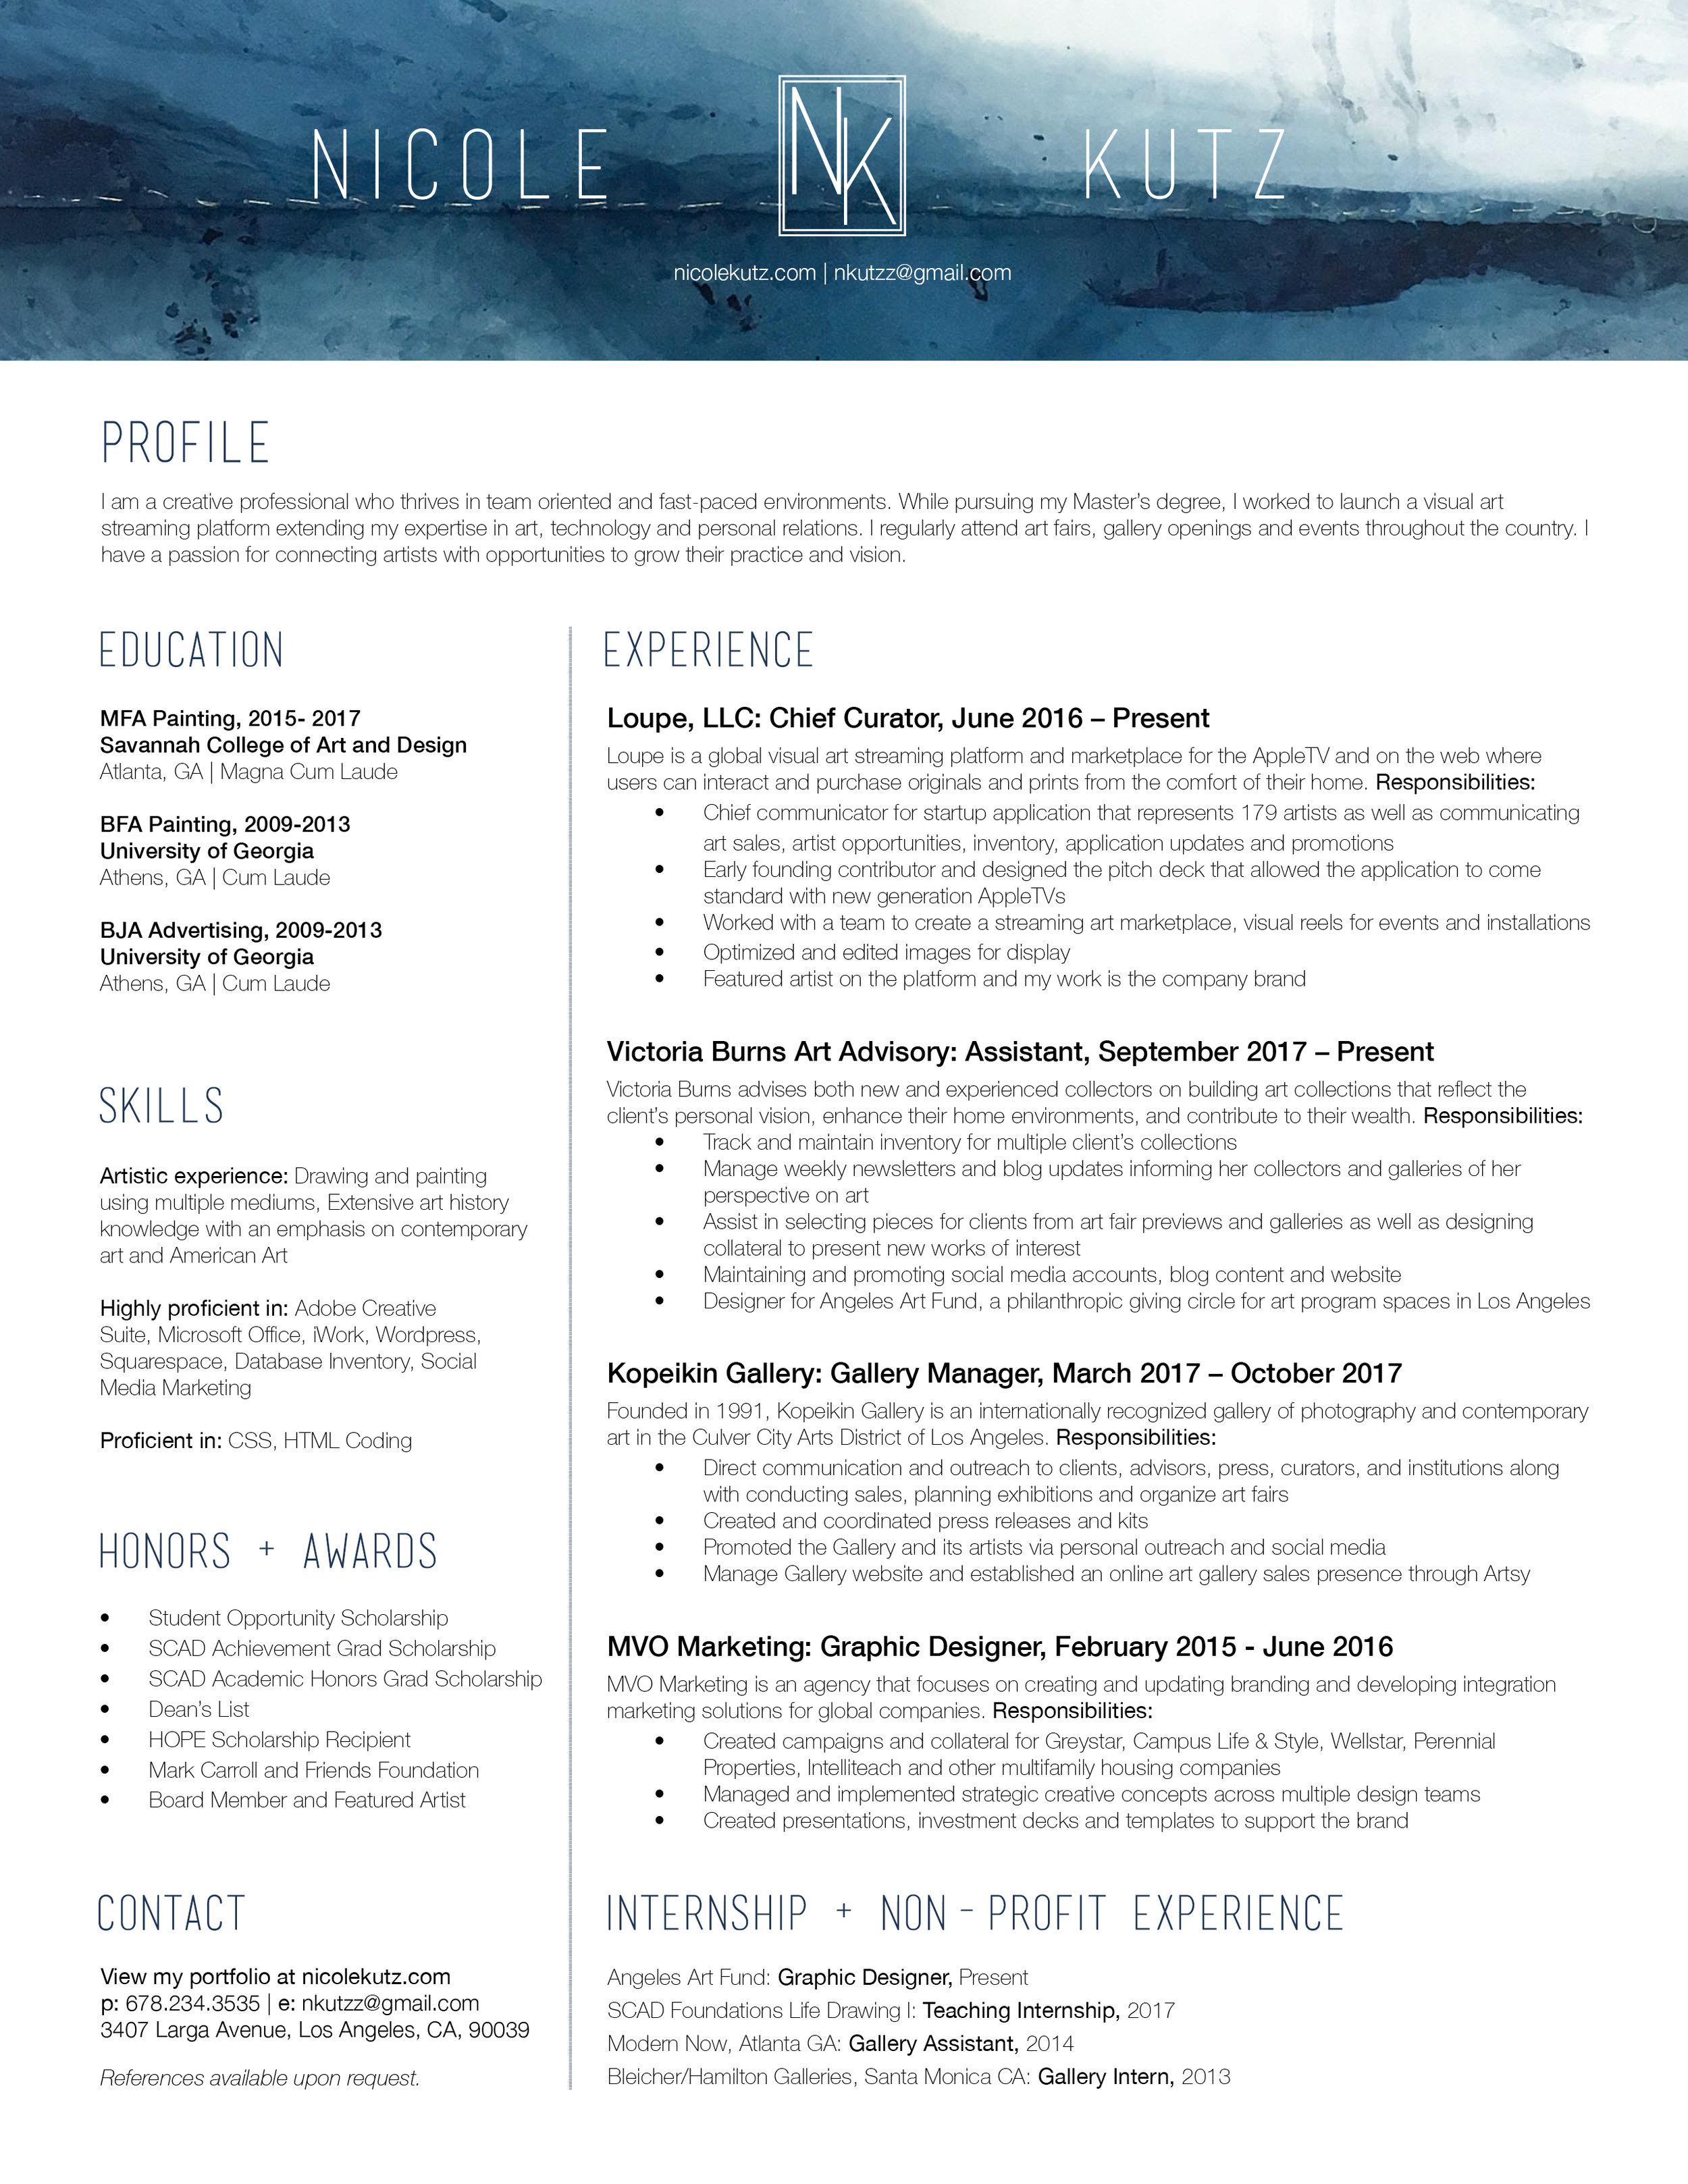 nicole-kutz-resume